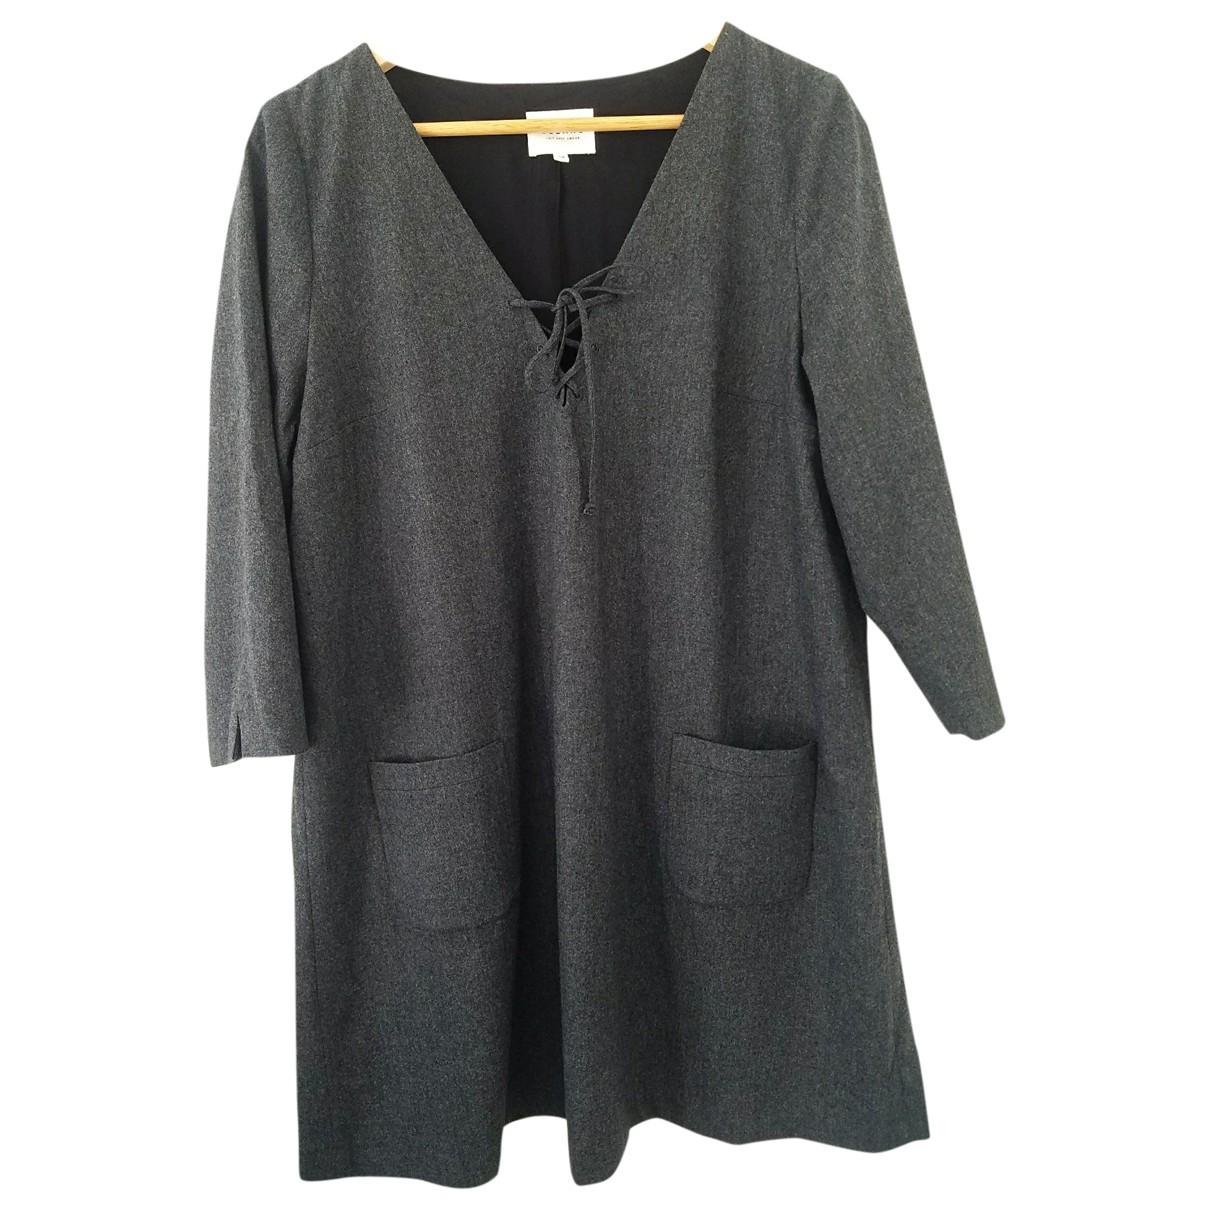 Sézane Fall Winter 2019 Grey dress for Women 44 FR